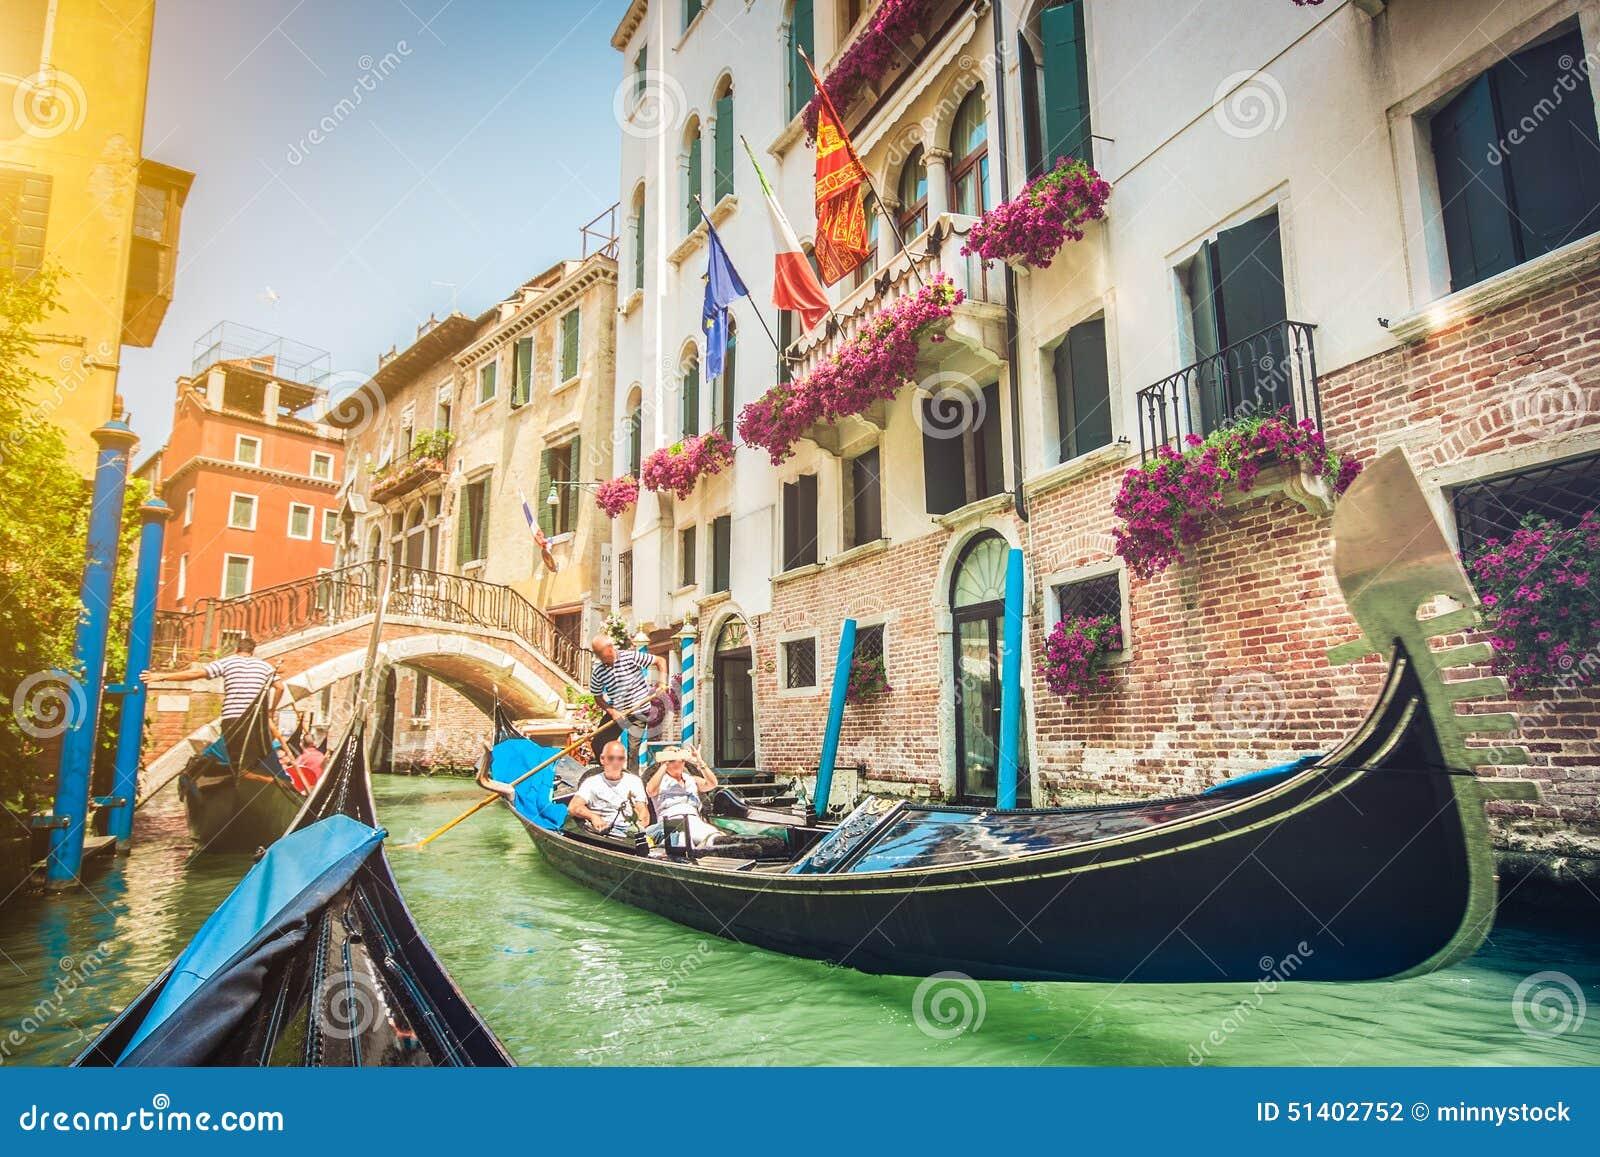 Gondoler på kanalen i Venedig, Italien med retro tappning Instagram